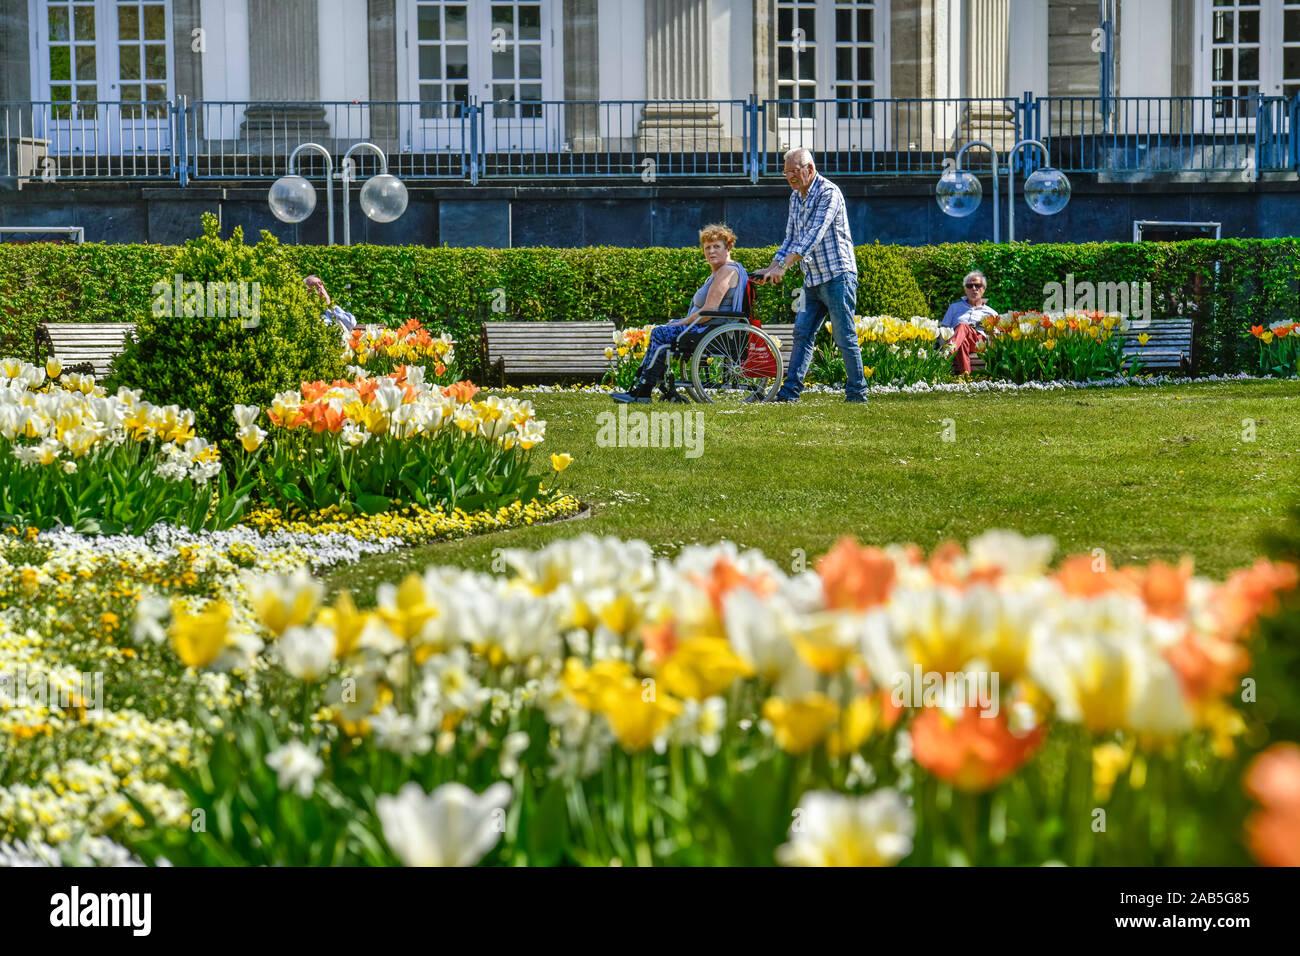 Spaziergänger, Kurpark, Bad Oeynhausen, Nordrhein-Westfalen, Deutschland Stock Photo